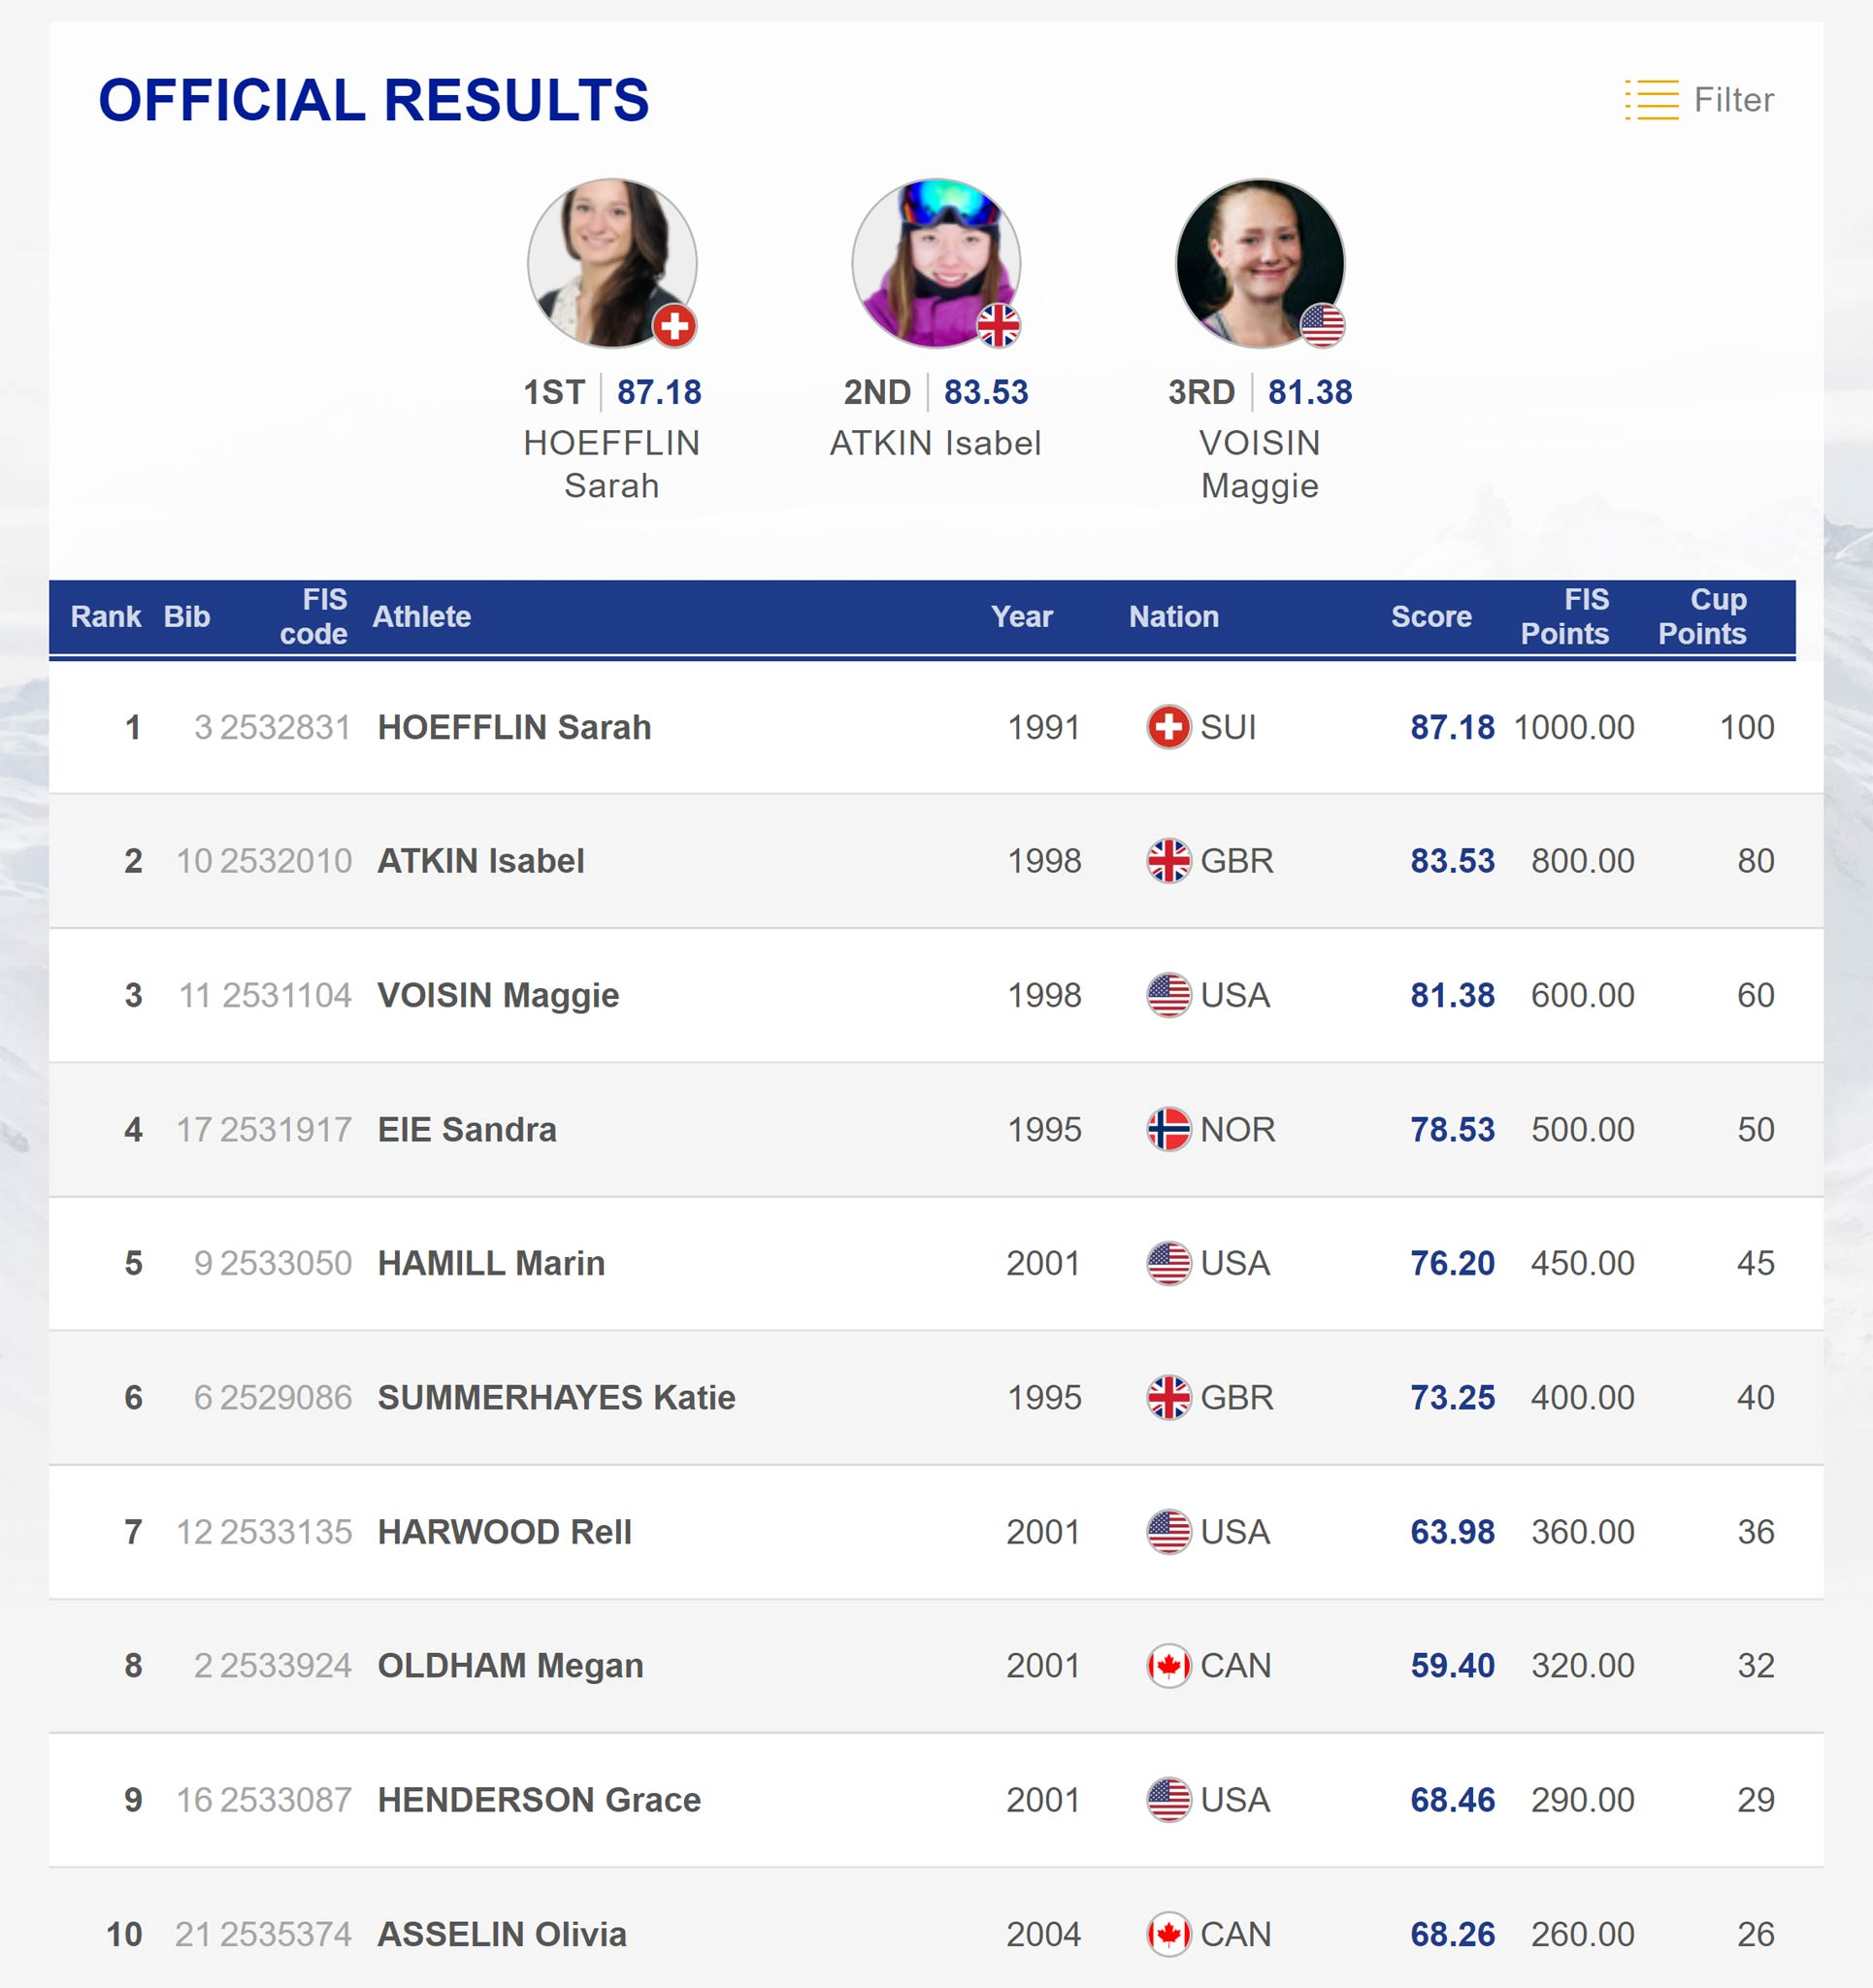 Das Ergebnis der Frauen beim FIS Freestyle Slopestyle Weltcup in Mammoth Mountain 2020 in der Übersicht.